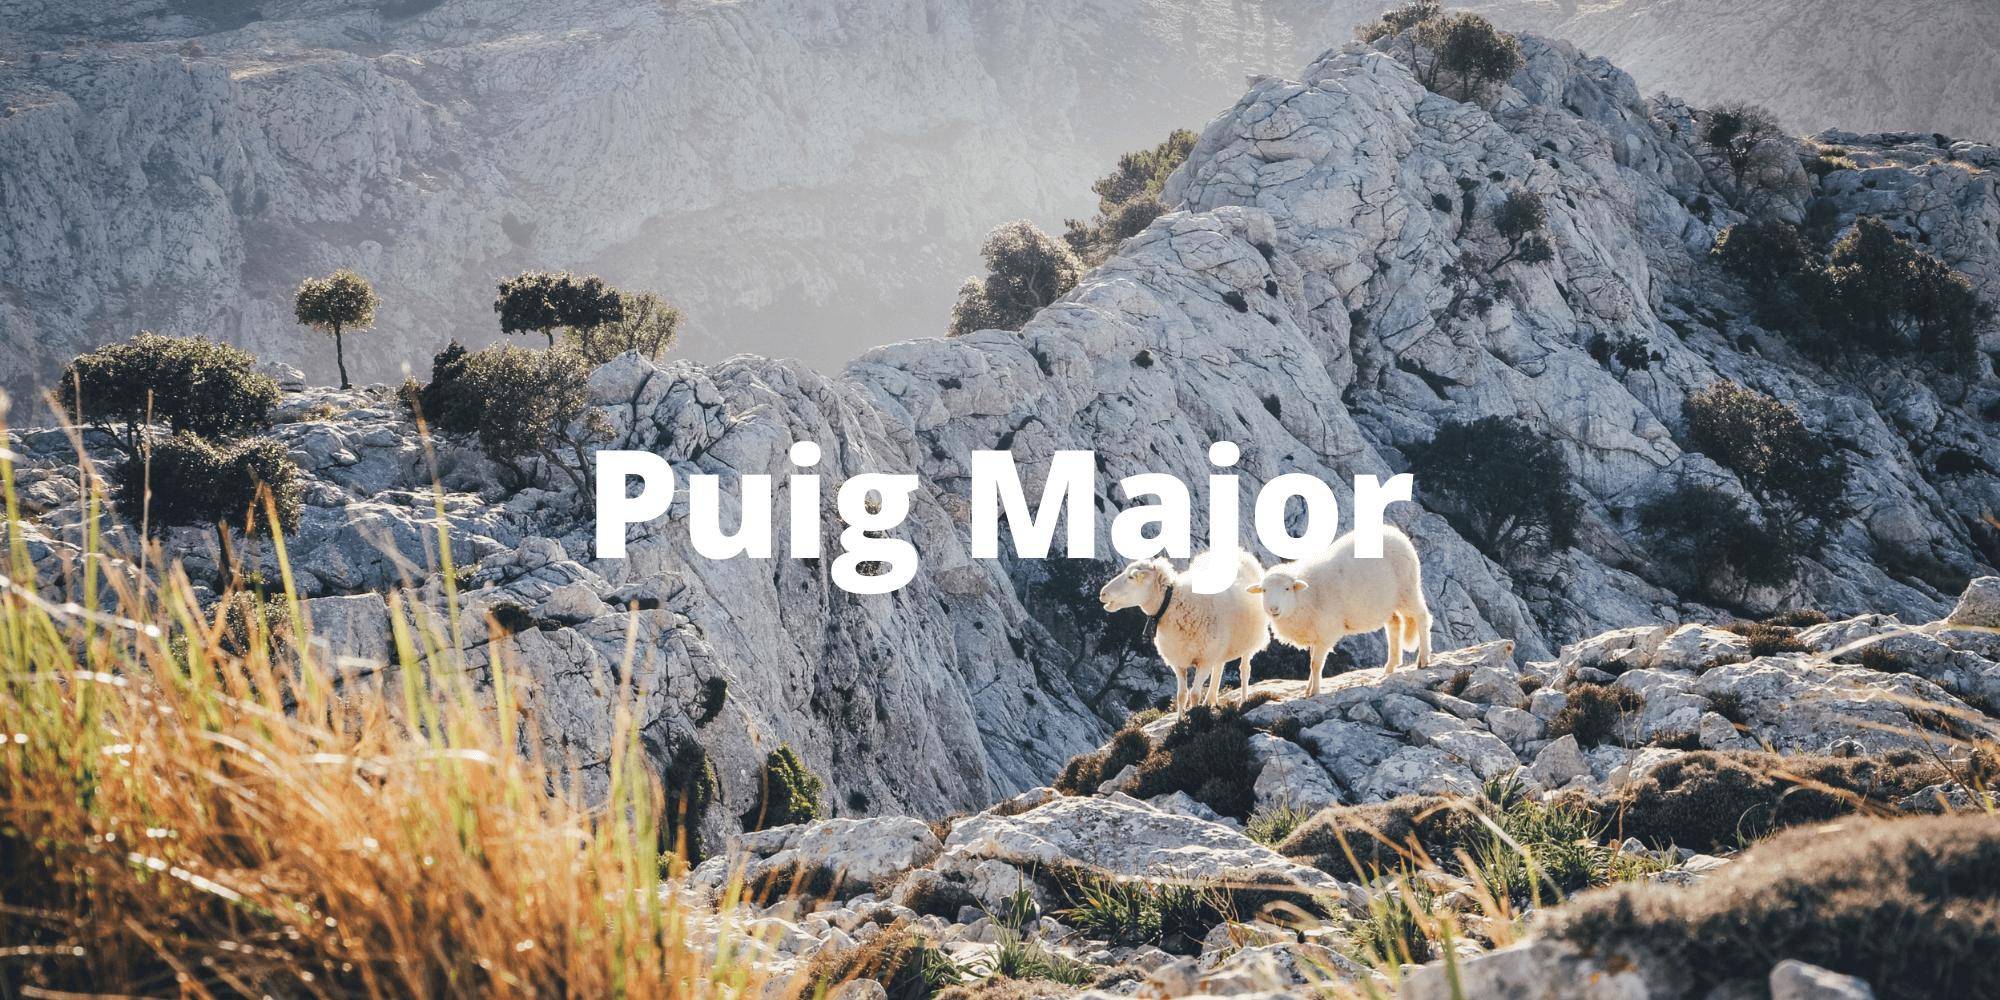 Puig Major Climb in Mallorca